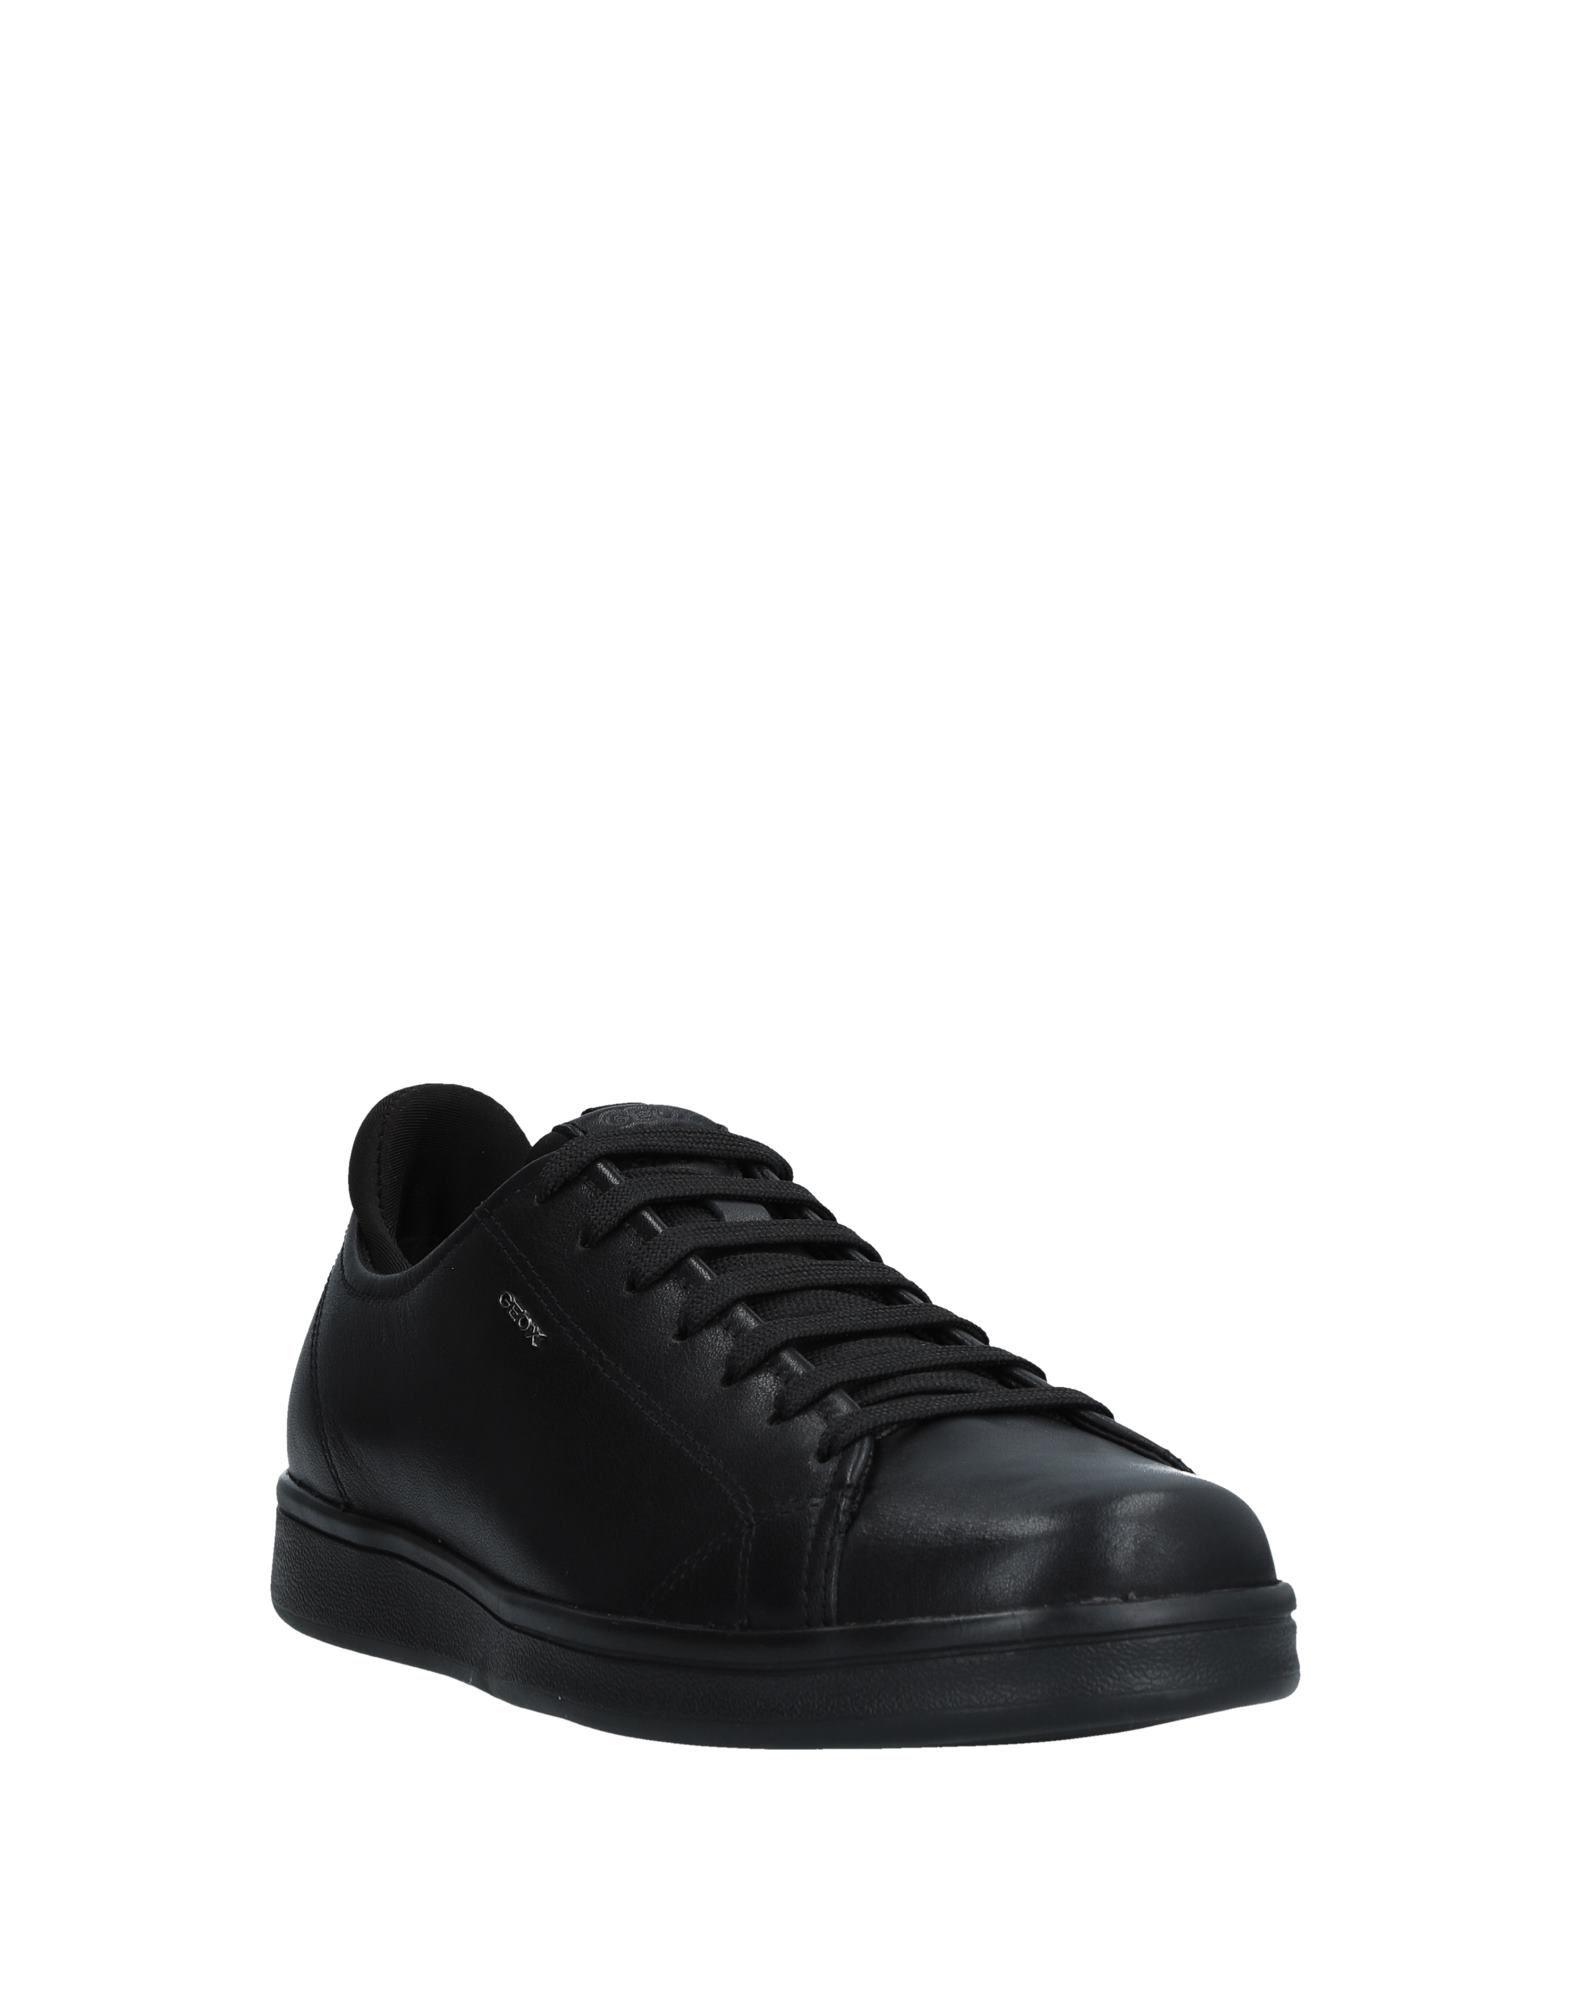 Rabatt Geox echte Schuhe Geox Rabatt Sneakers Herren  11541294AV ee7865